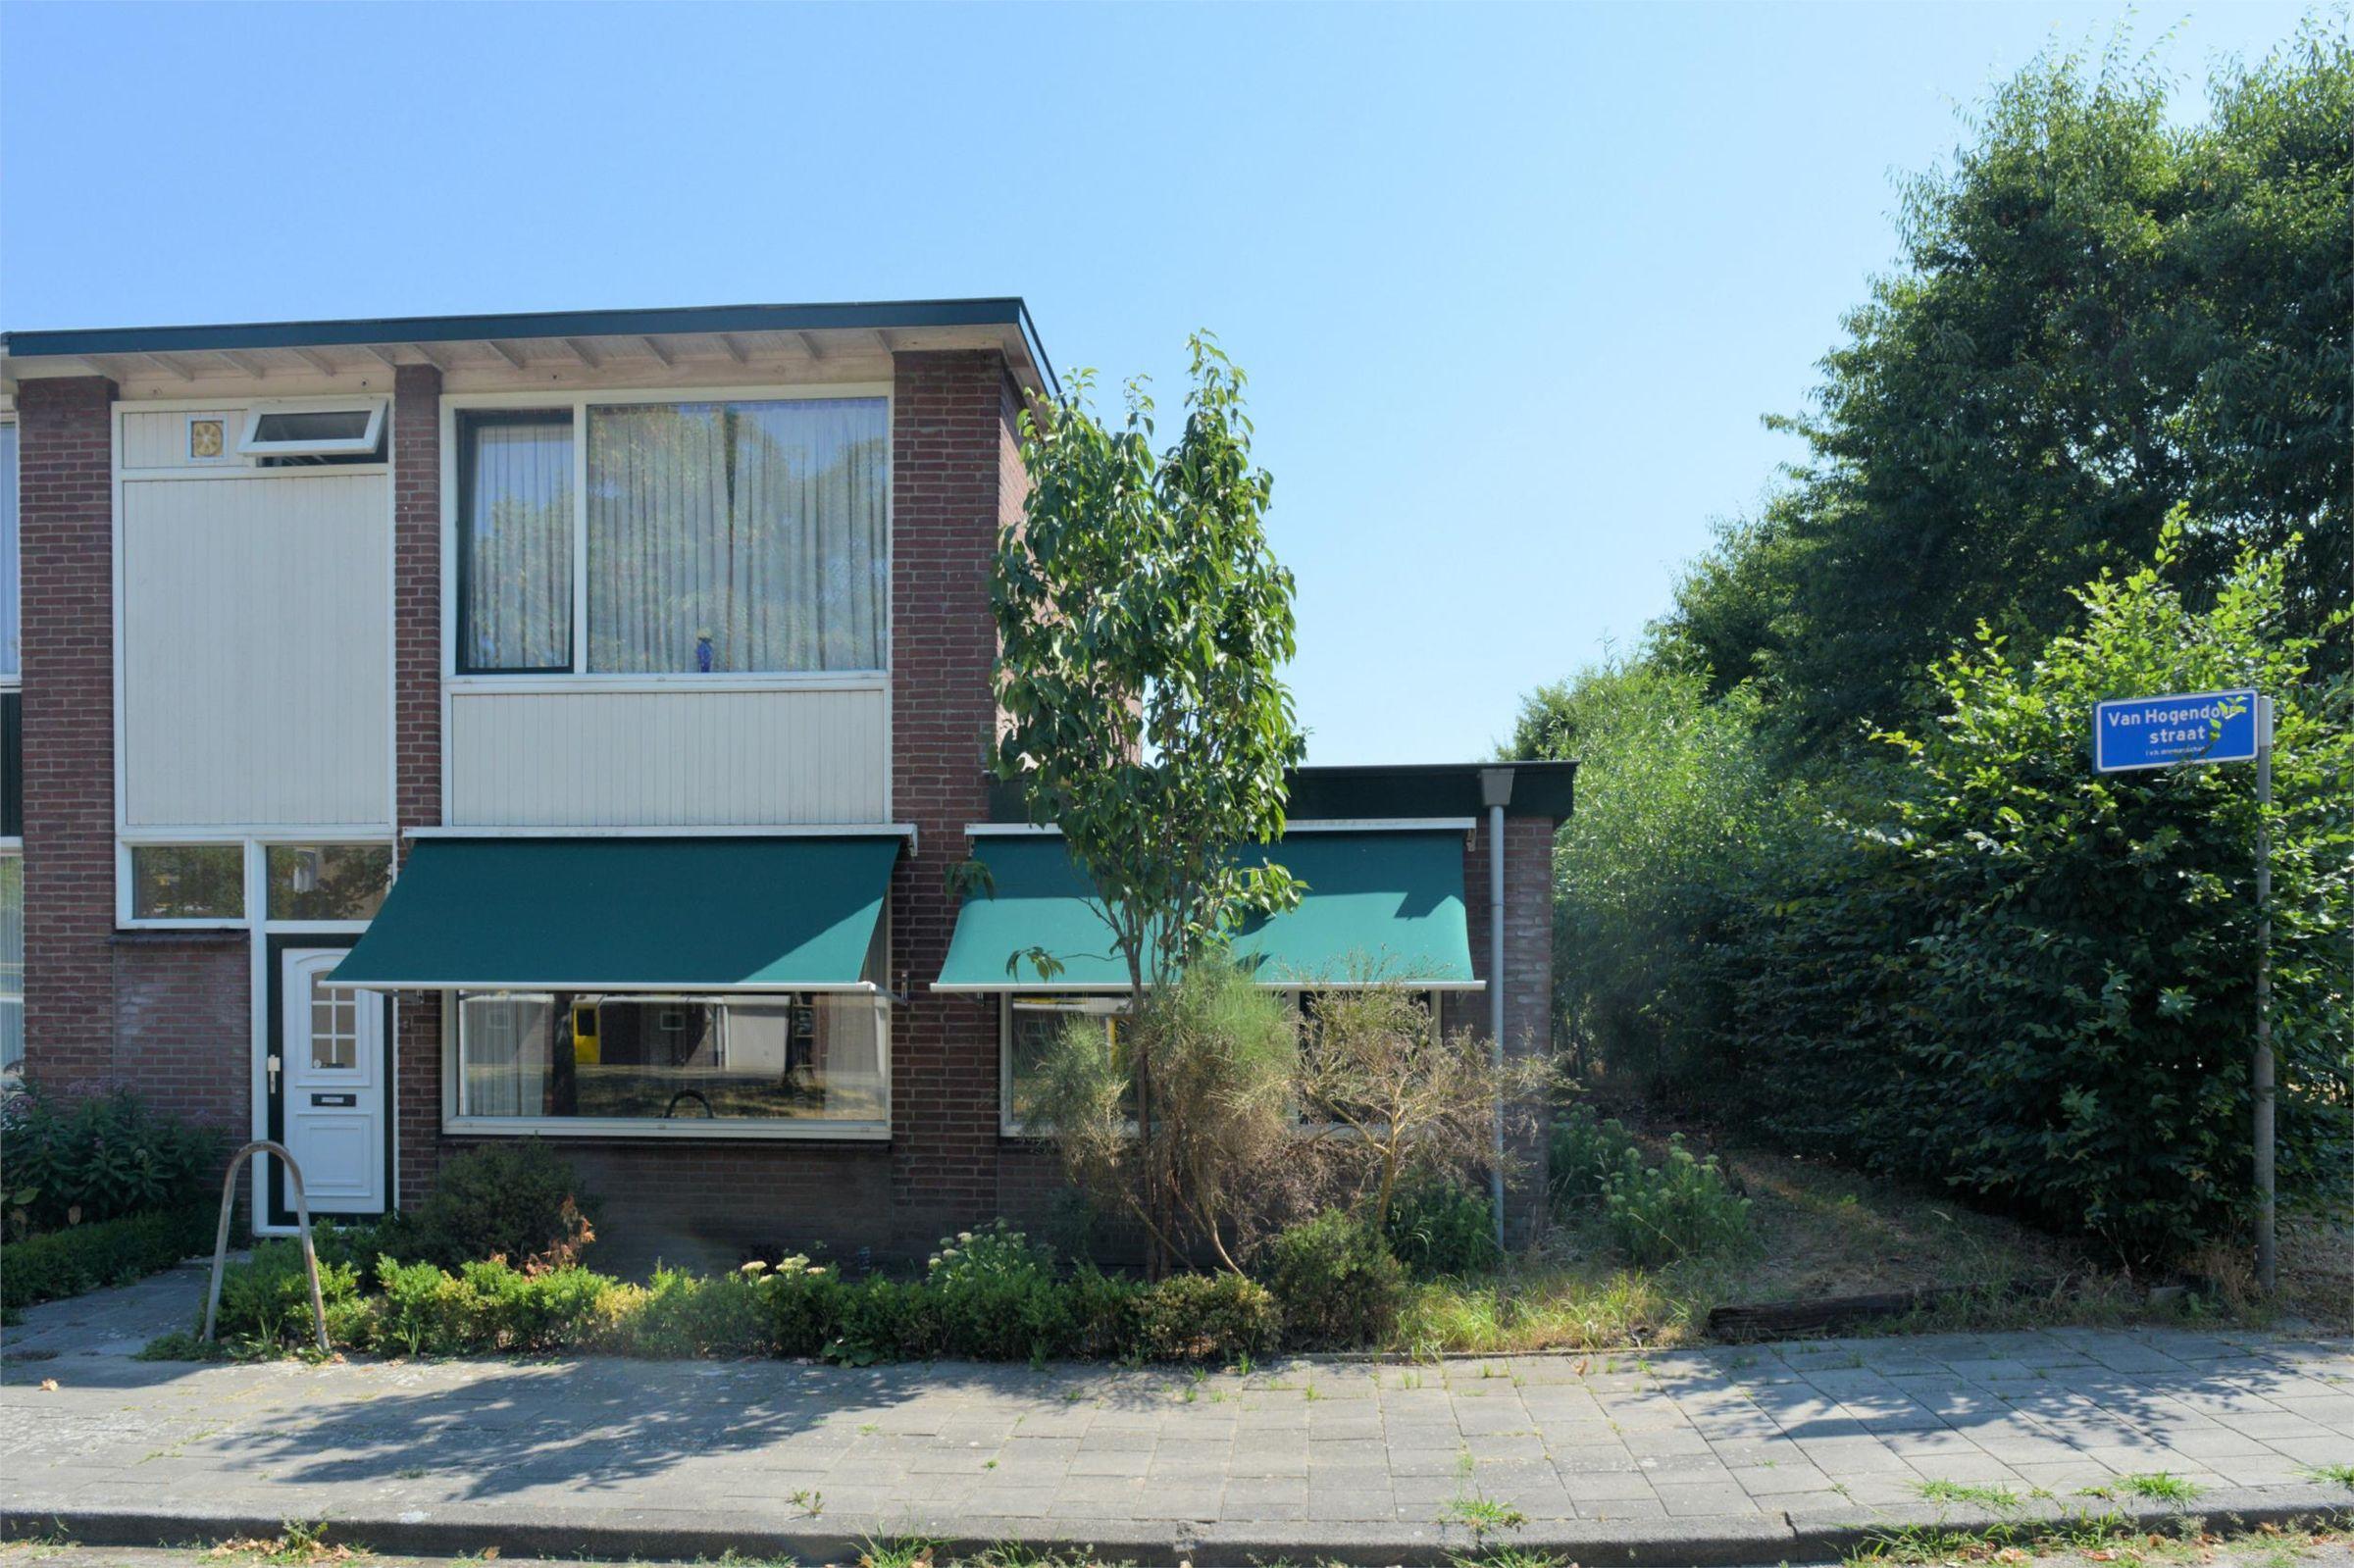 van Hogendorpstraat 23, Zutphen